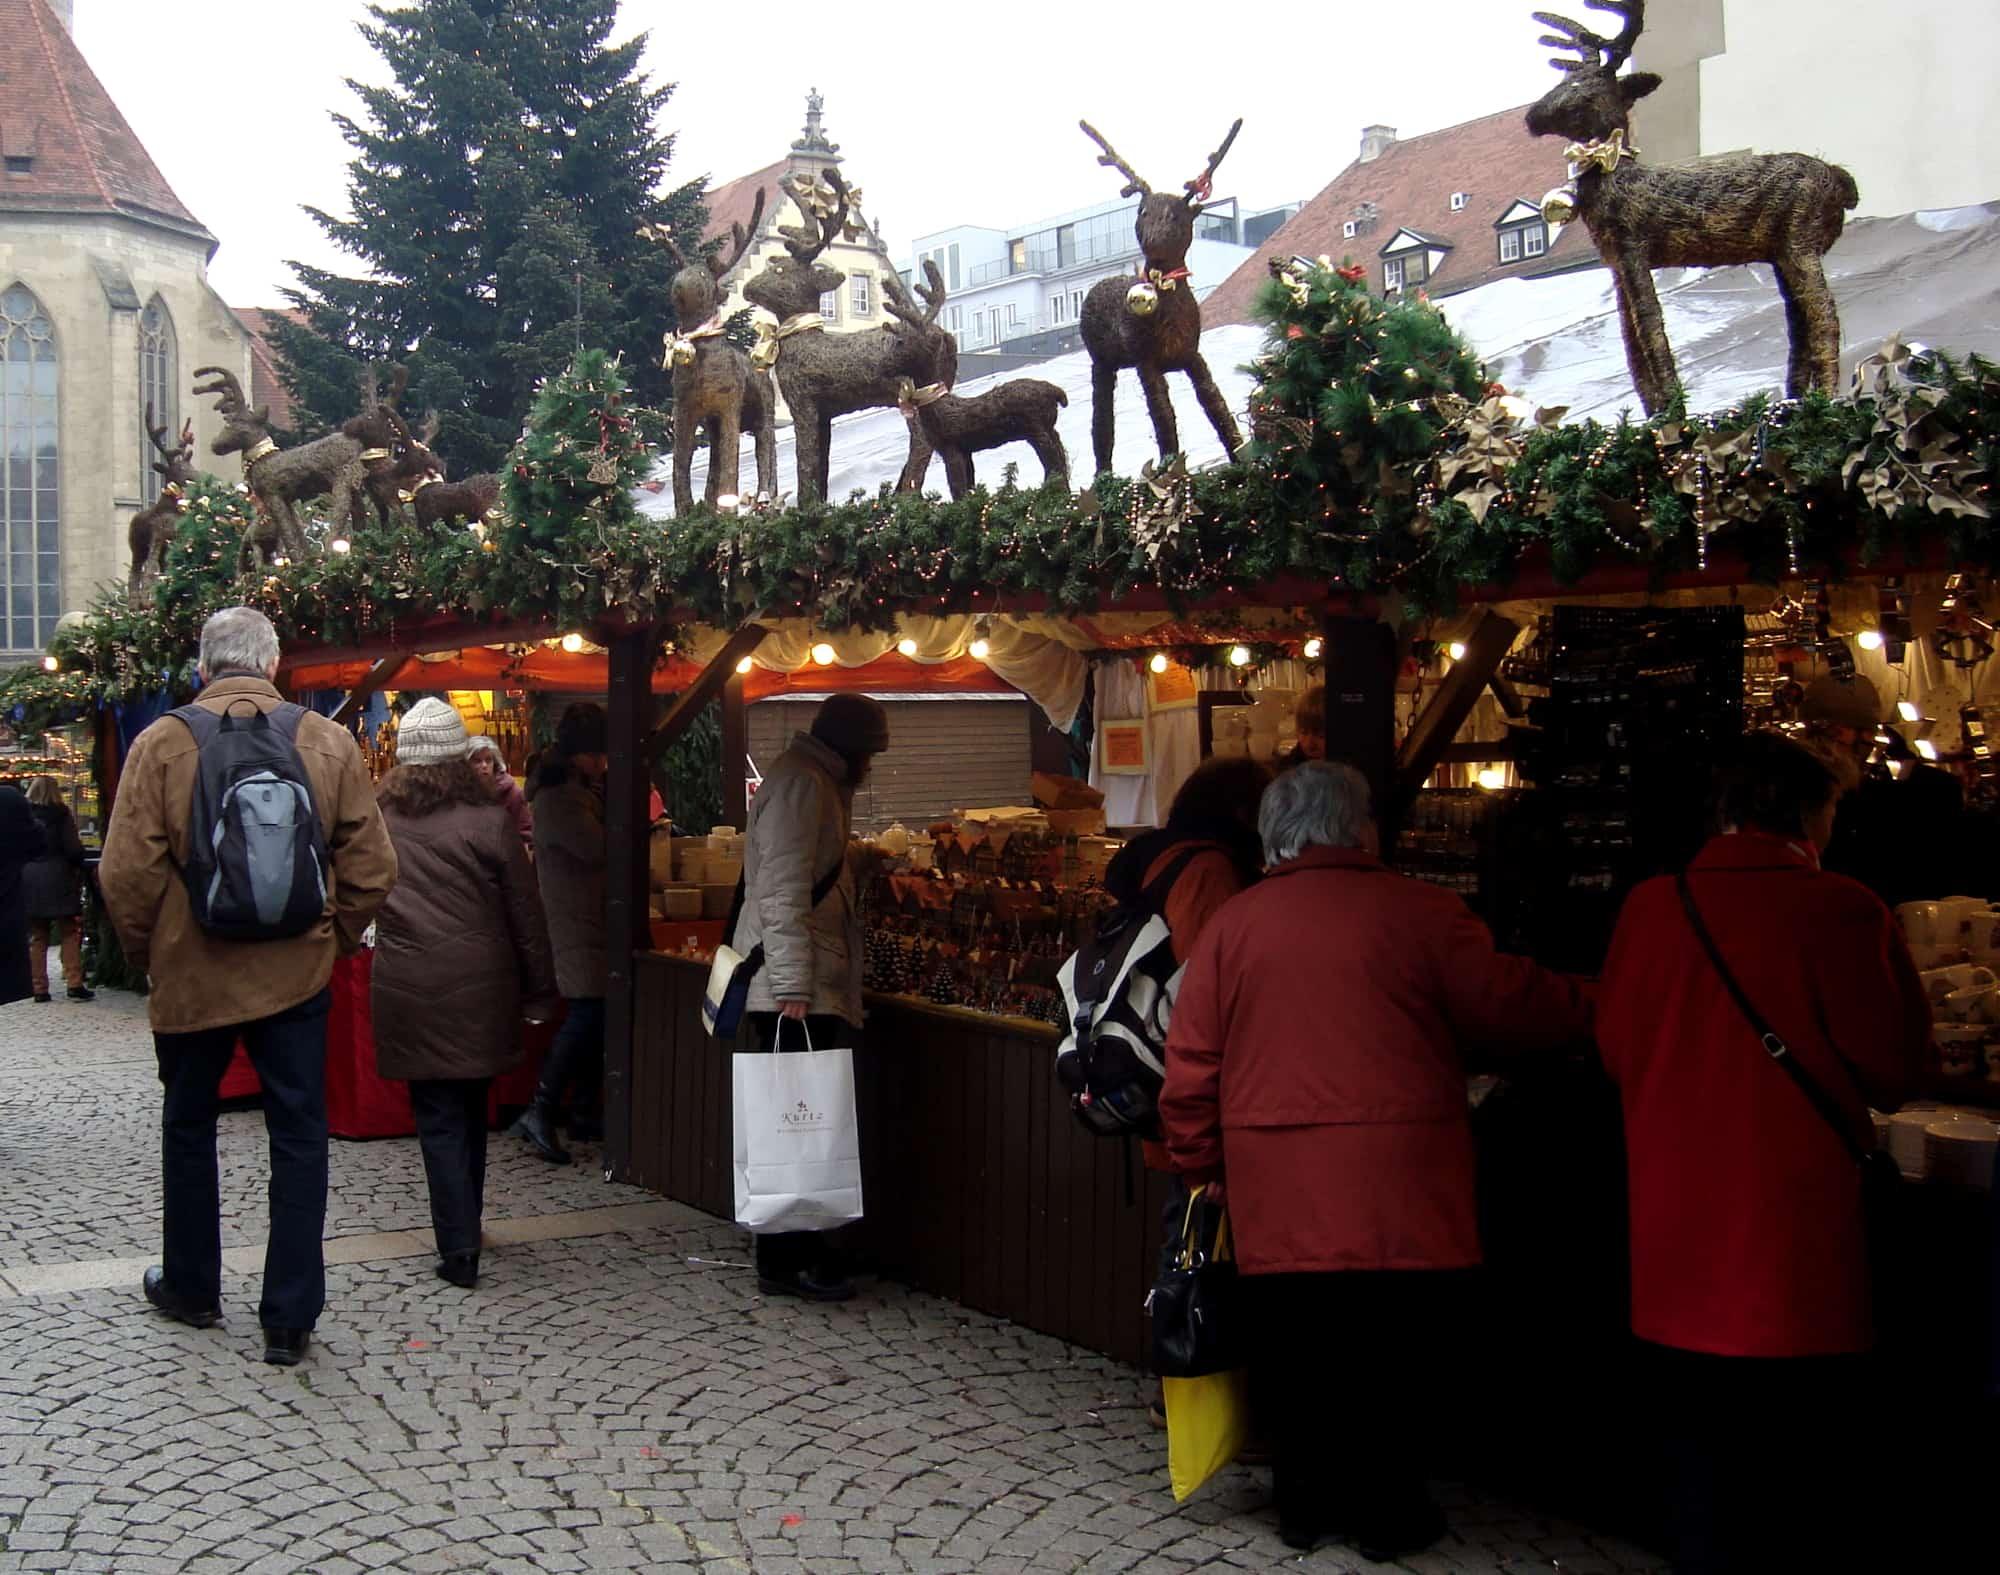 Porzellan im Hinterhof Porzellanstand Stuttgarter Weihnachtsmarkt